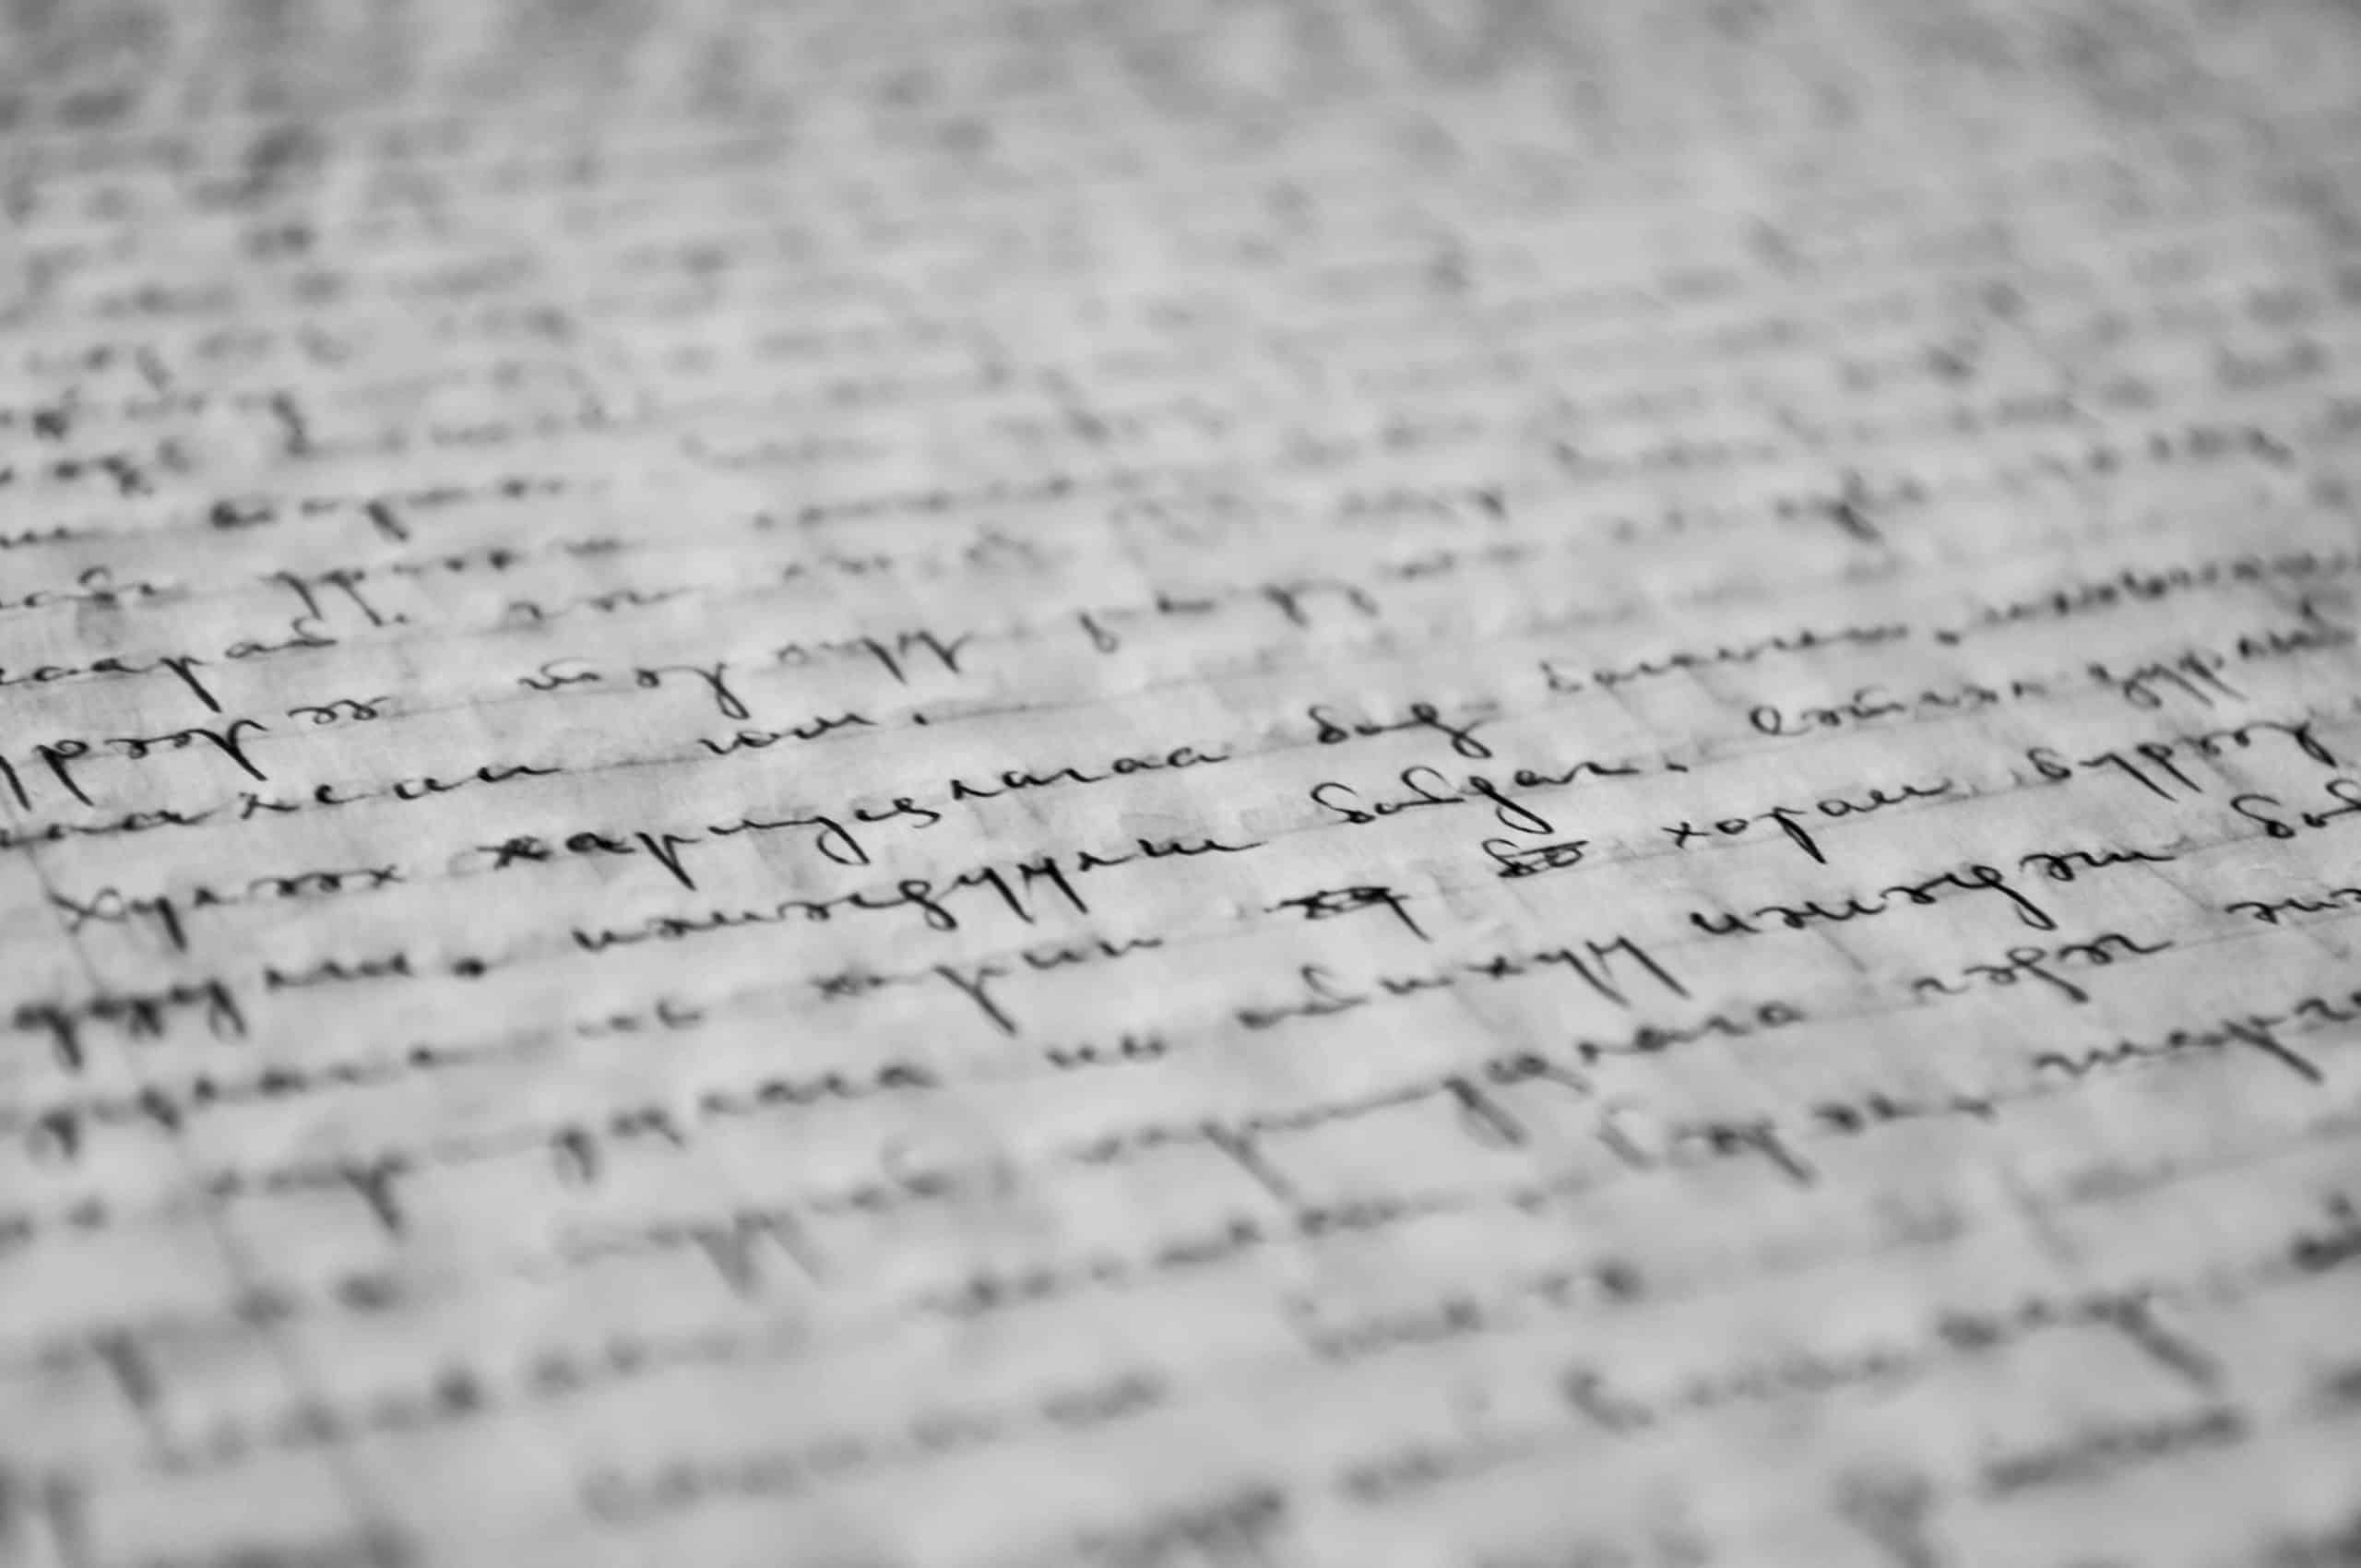 poemas-carlos-drummond